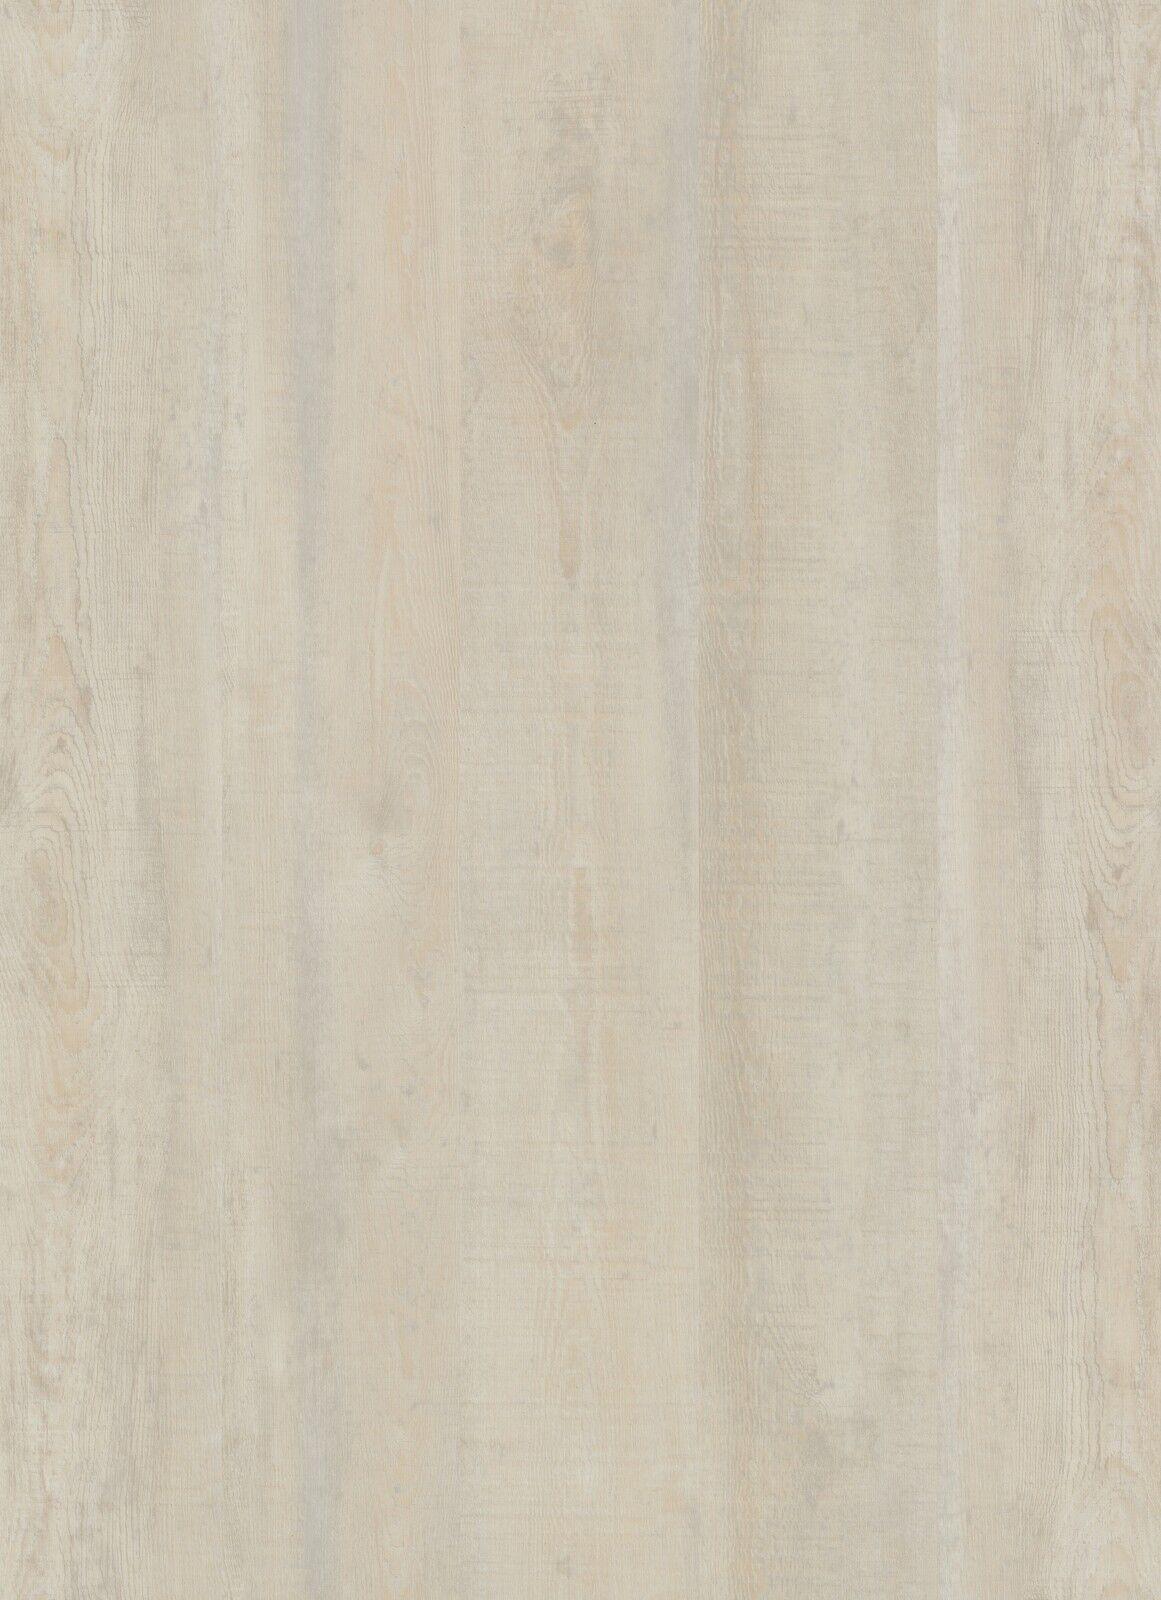 JOKA Rabatt 10% 2827 Designböden 330 2,0mm Sky Oak Vinyl PVC 1m² 25,11